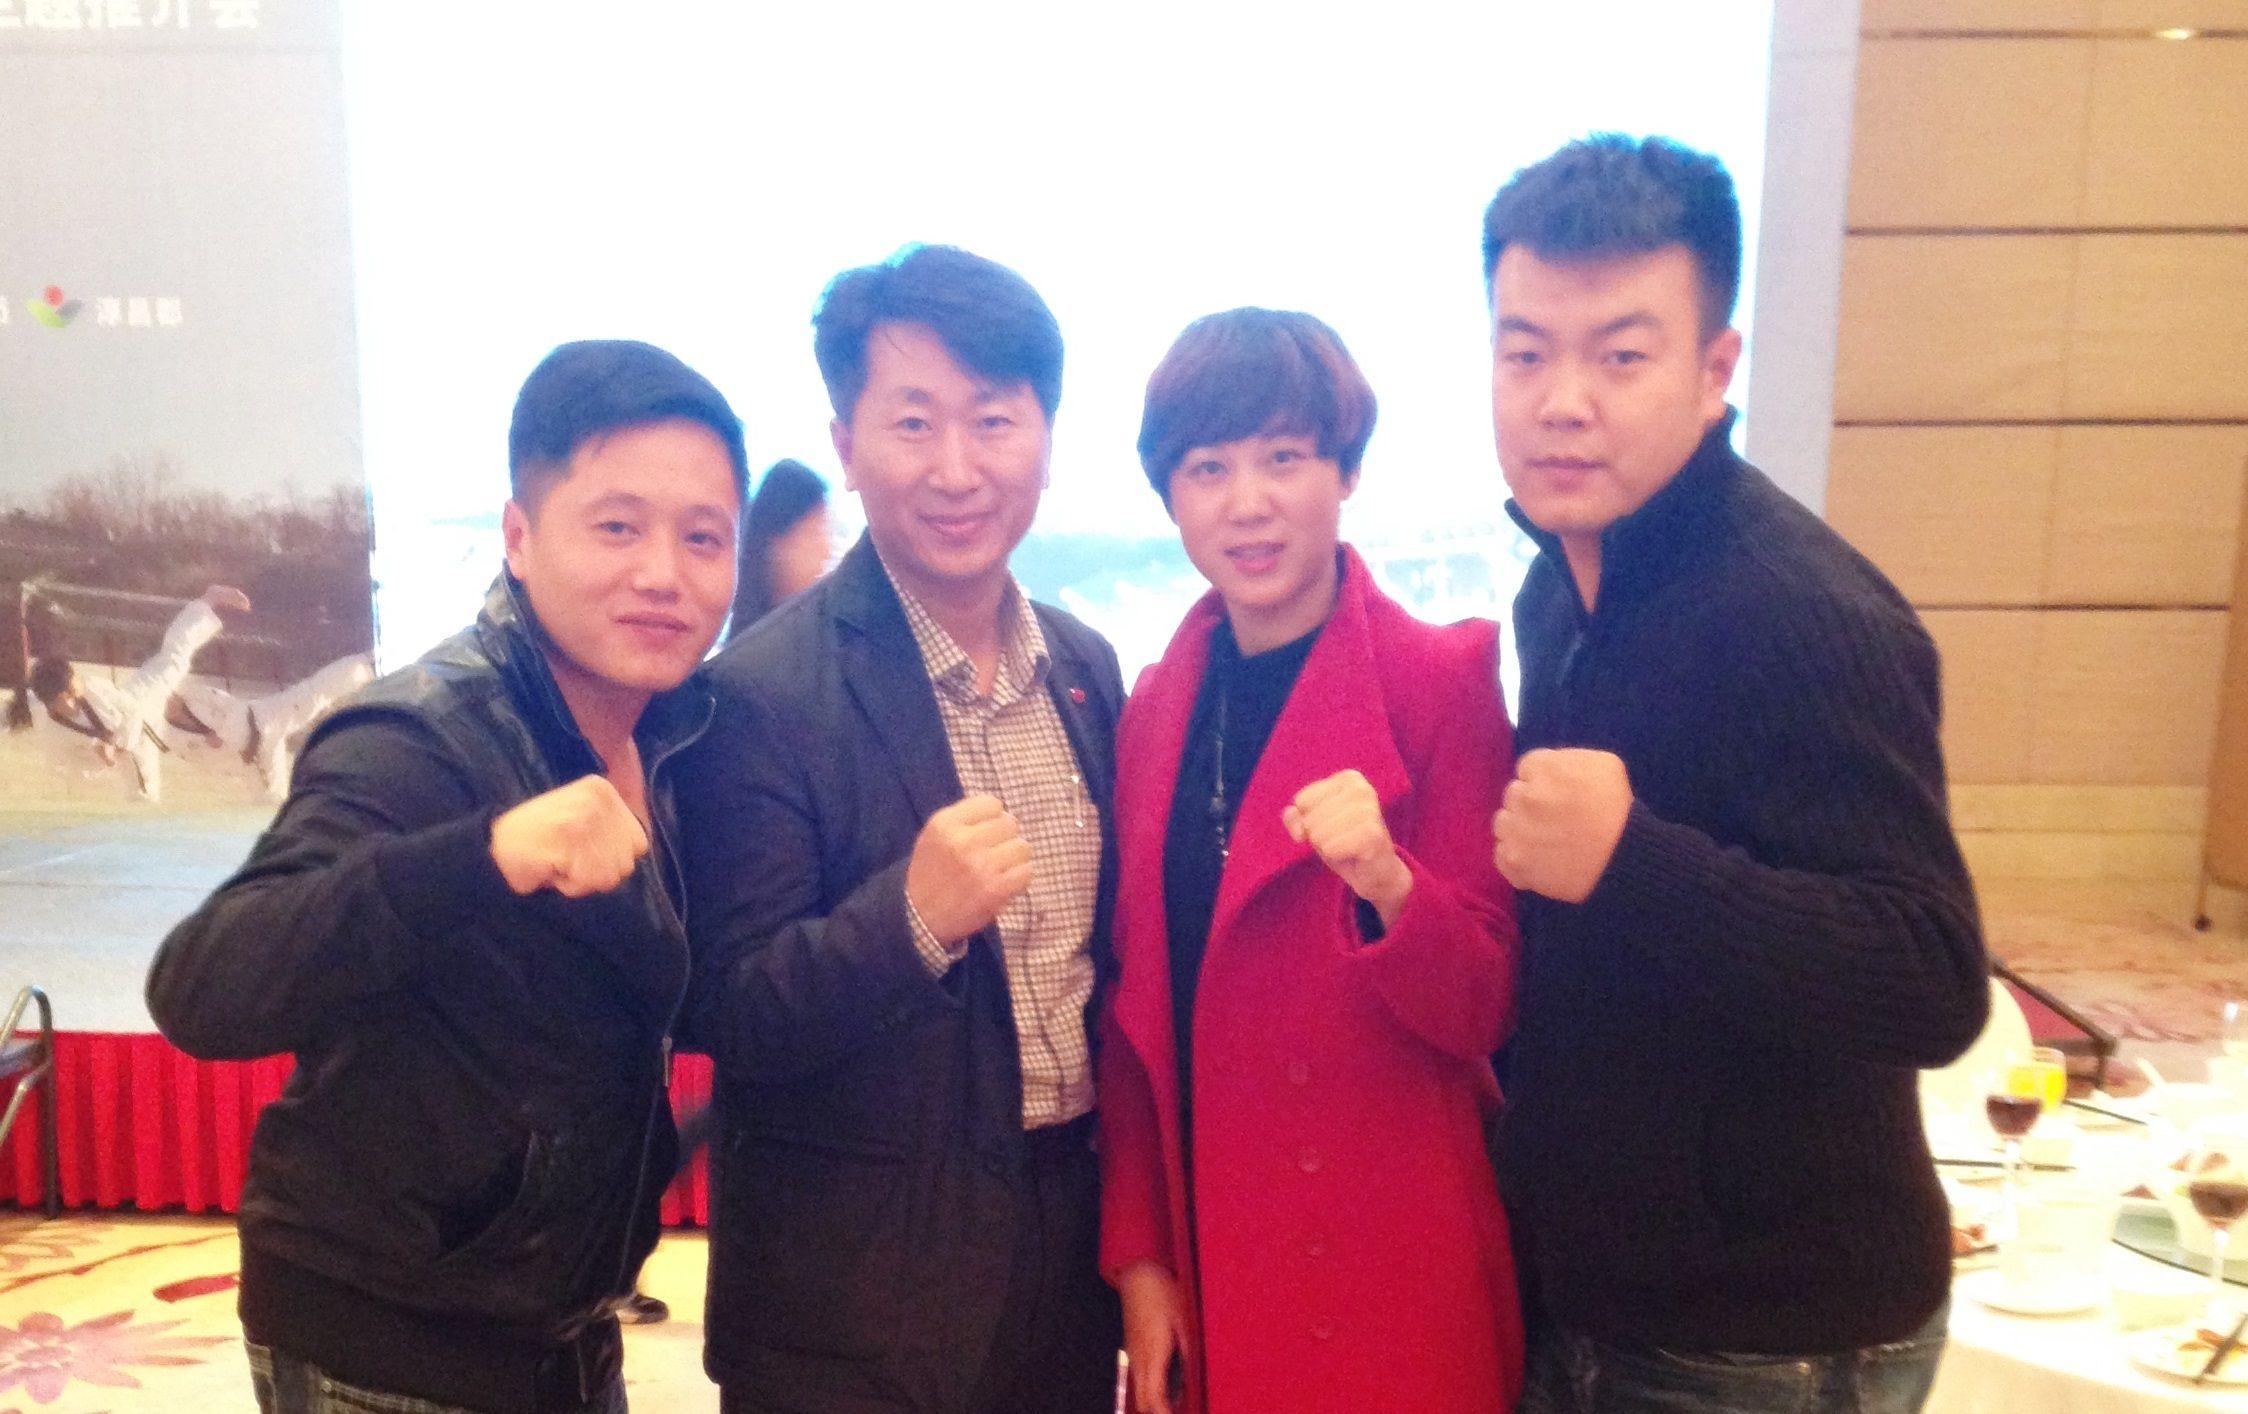 중국 지남 칭따오 태권도원 설명회에서